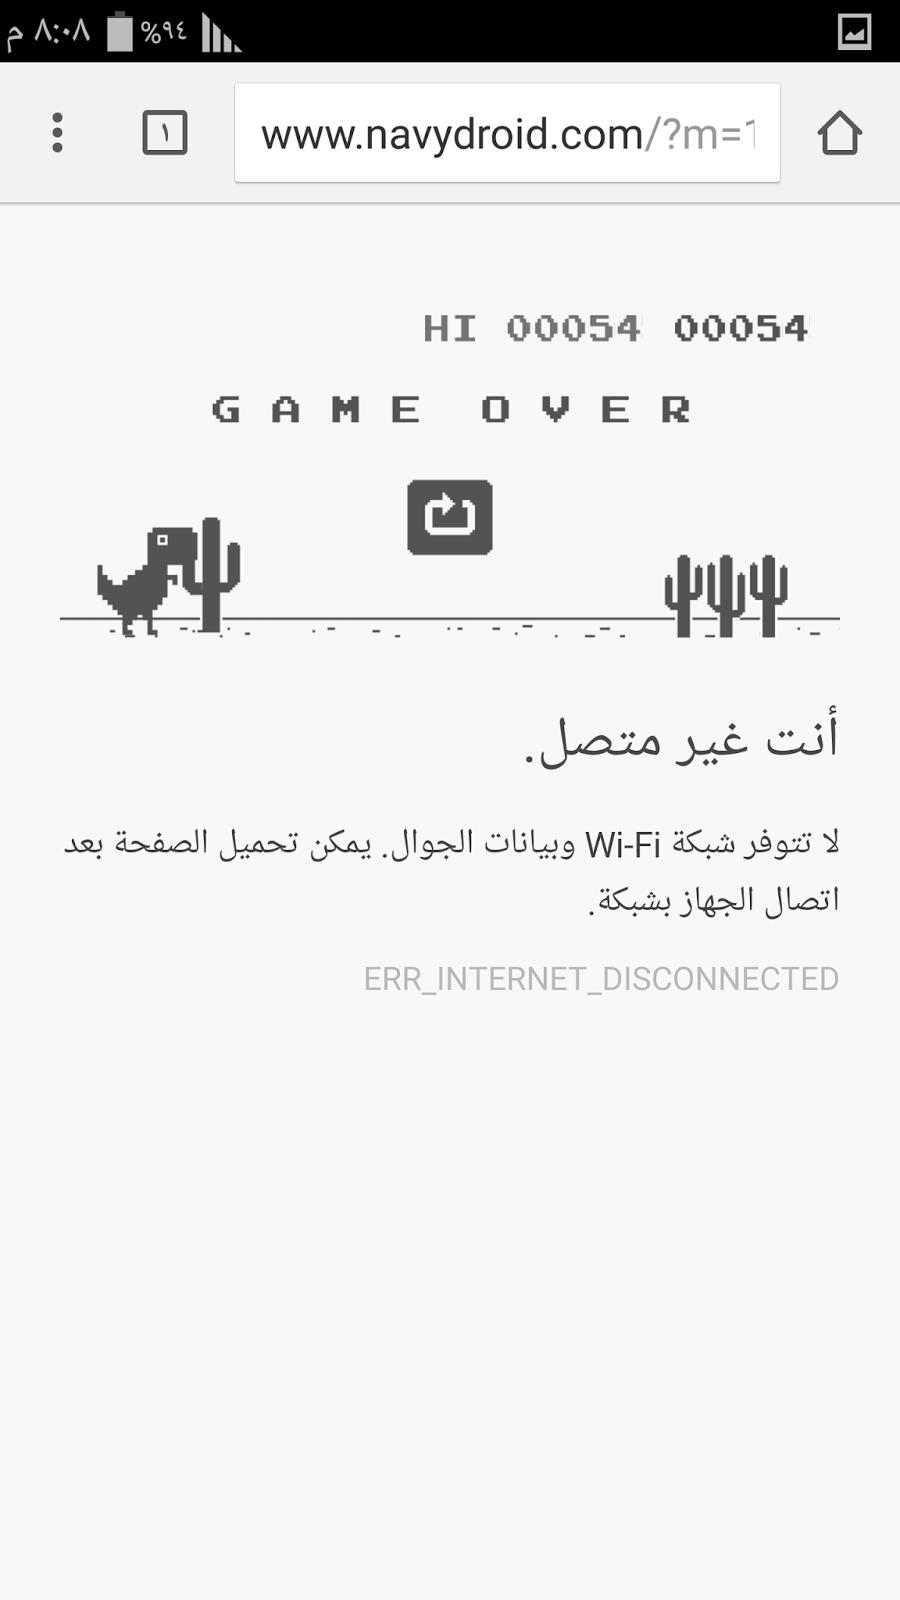 لعبة مجانية لتمضية الوقت أثناء اقطاع الانترنت ع متصفح جوجل كروم